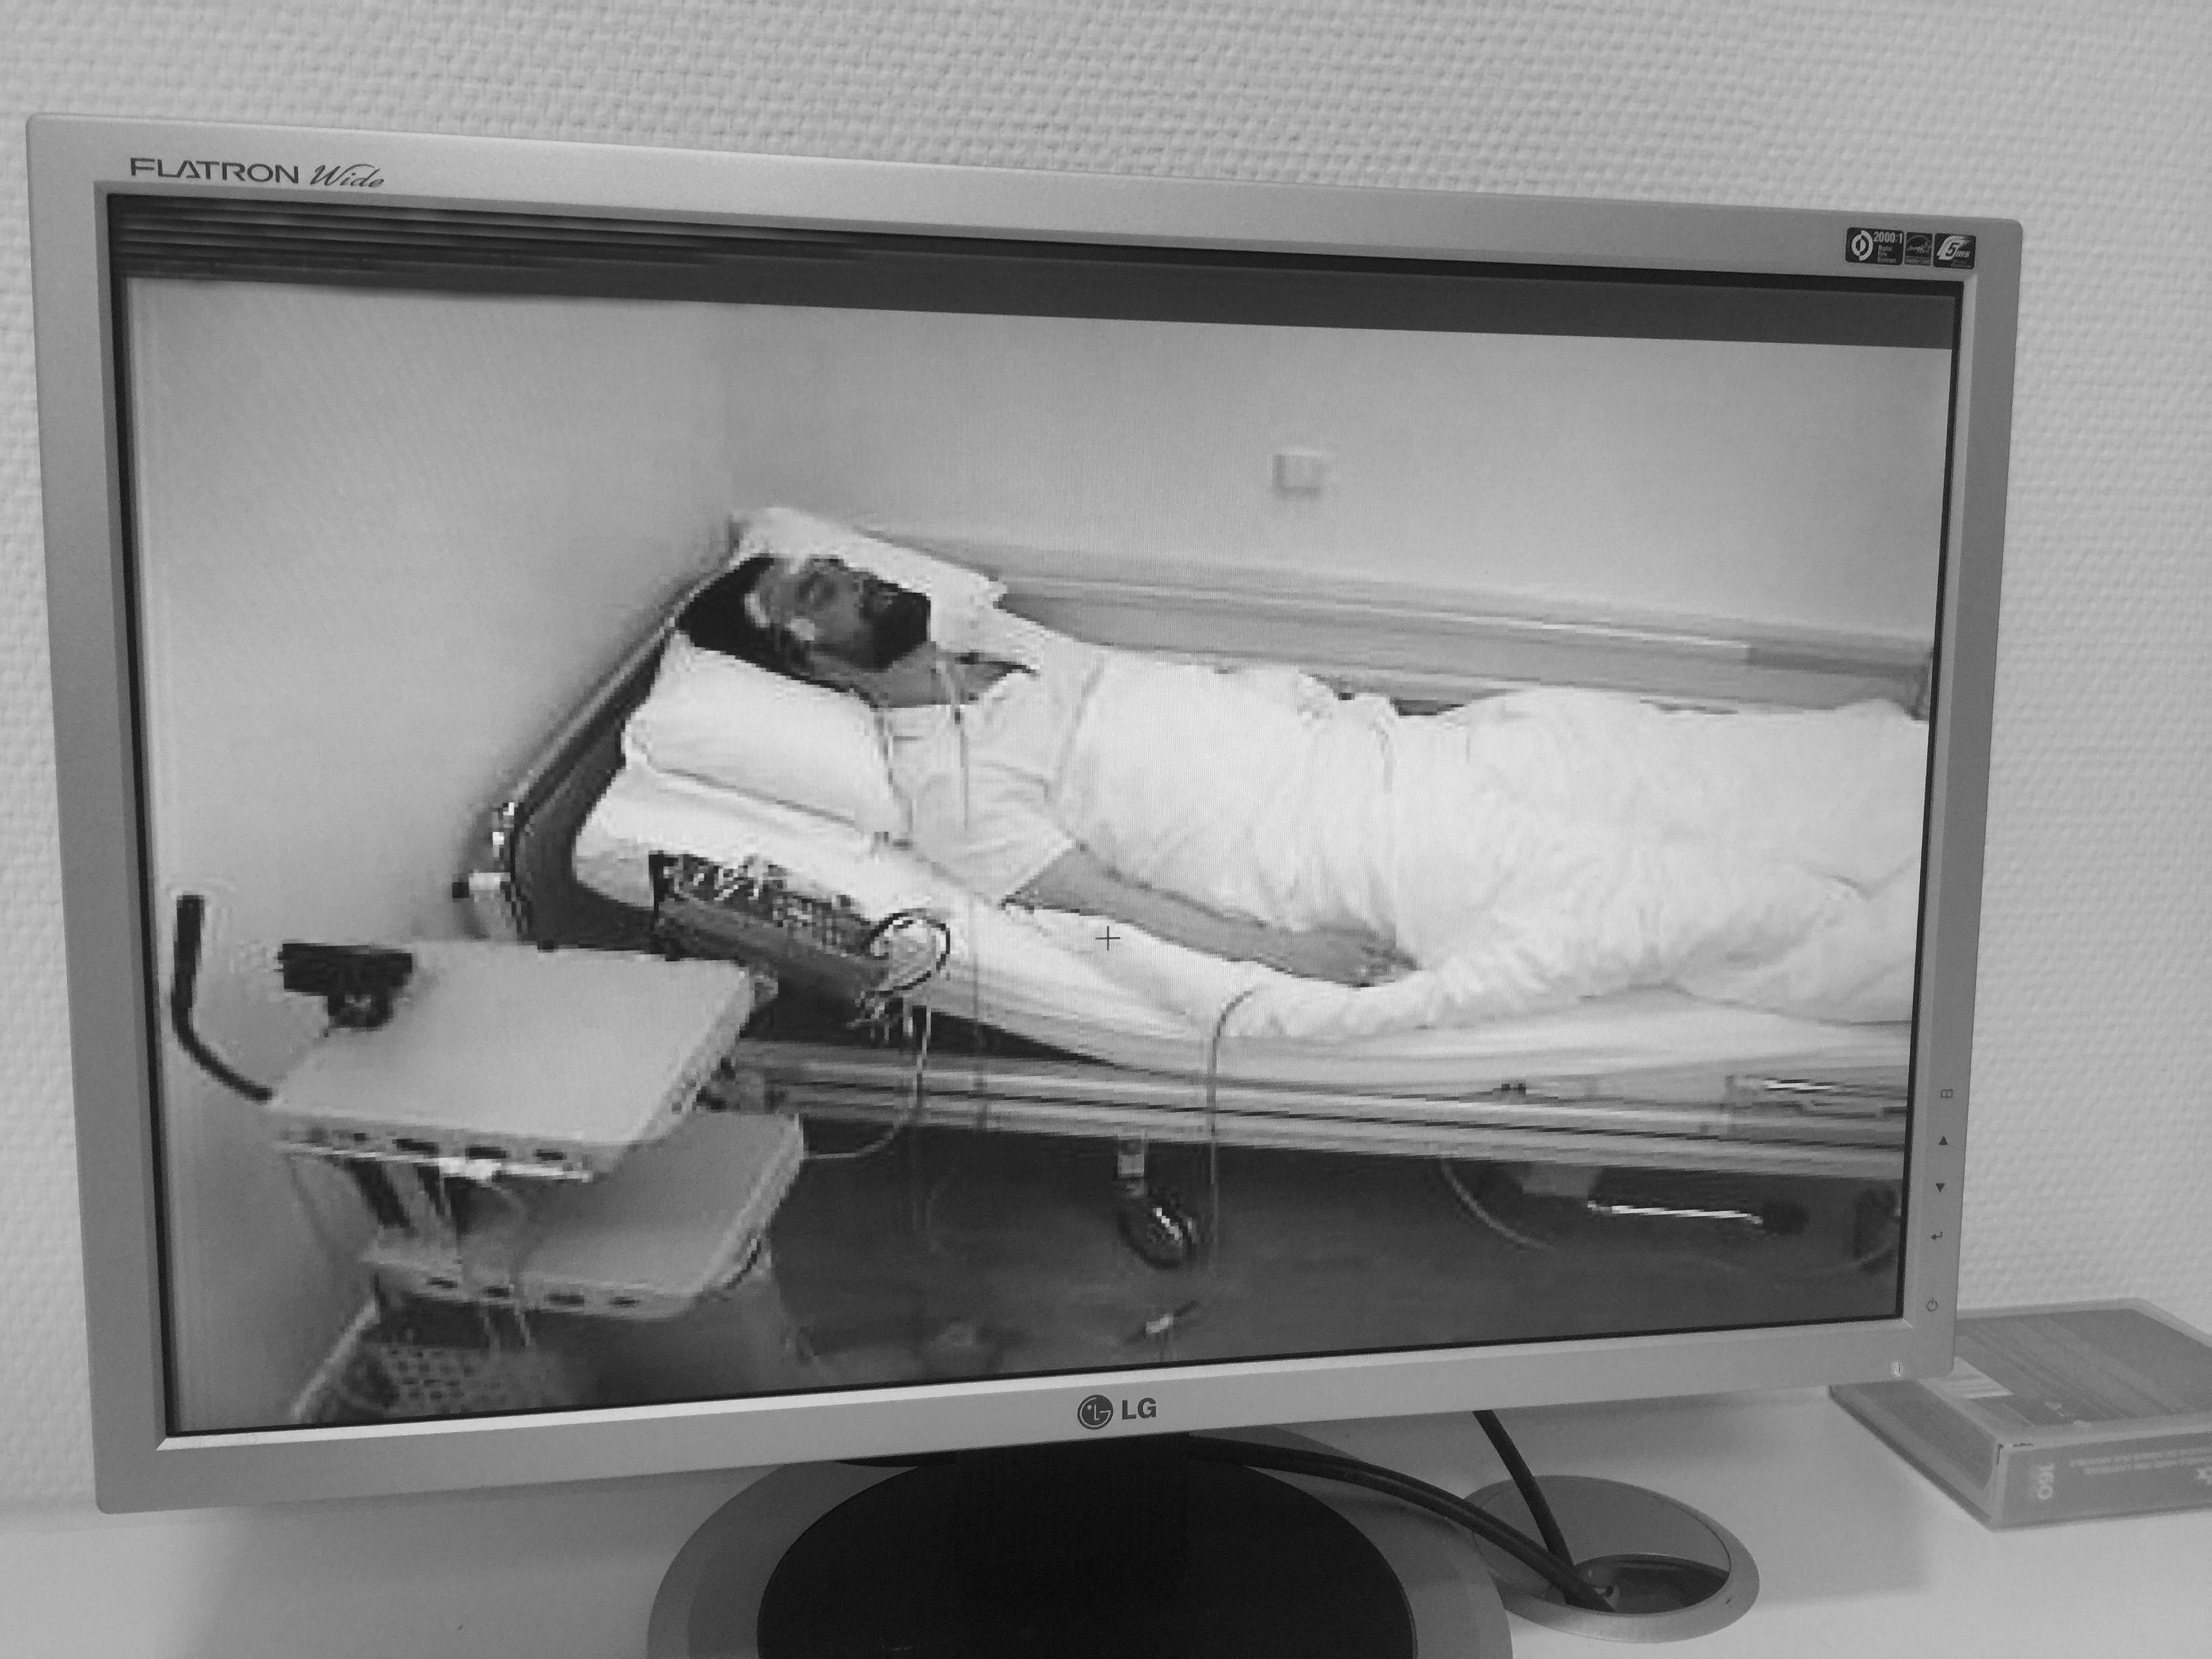 Auf einem Monitor wird der Patient die ganze Nacht überwacht. Quelle: zur Verfügung gestellt von Prof. Ramin Naim)